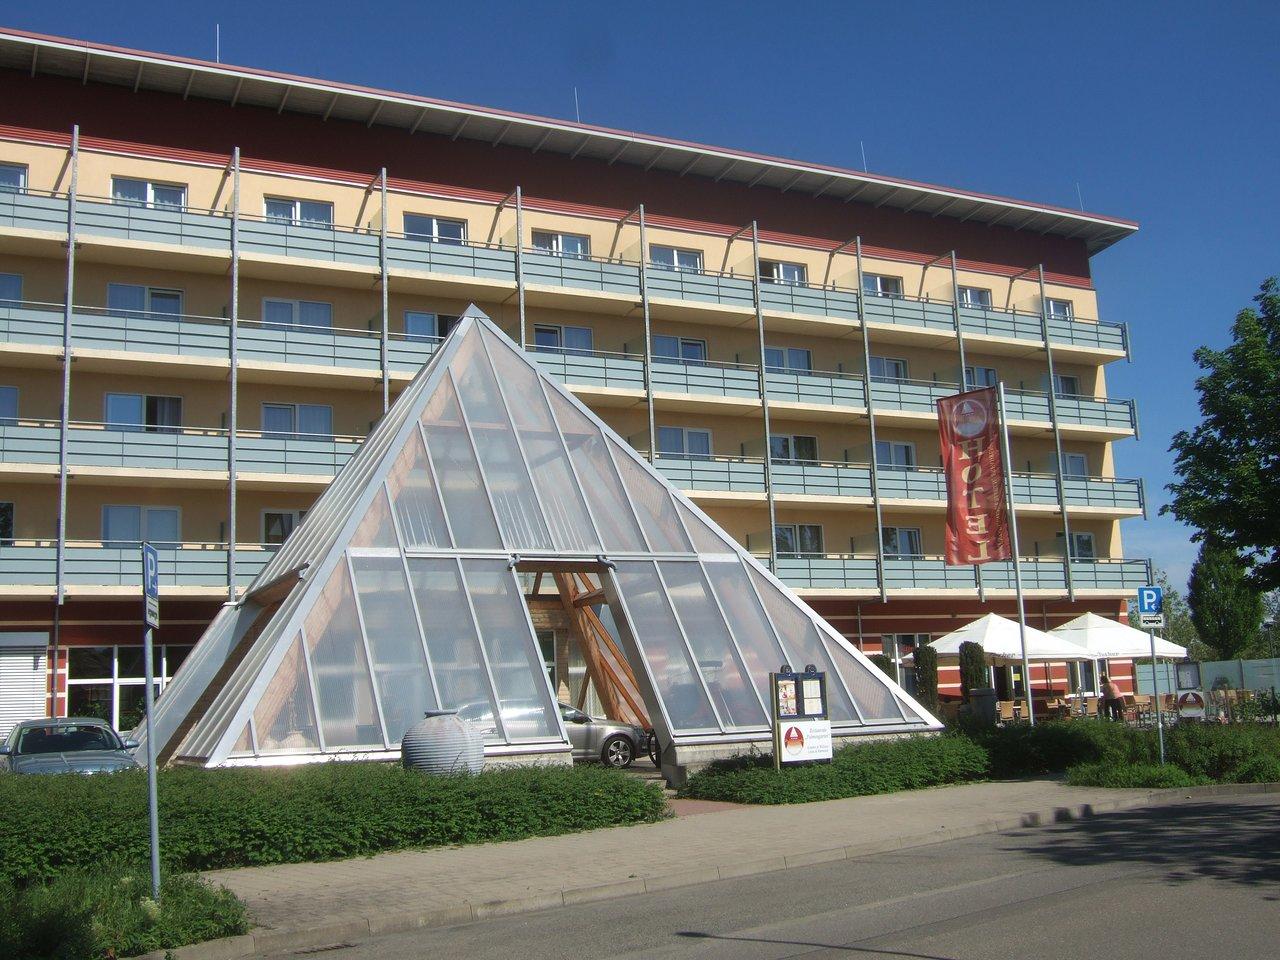 Full Size of Hotel Bad Windsheim Pyramide S Germany Badezimmer Komplett Hotels Pyrmont Wellnesshotel Kissingen In Neuenahr Reichenhall Honnef Rundreise Und Baden Bad Hotel Bad Windsheim